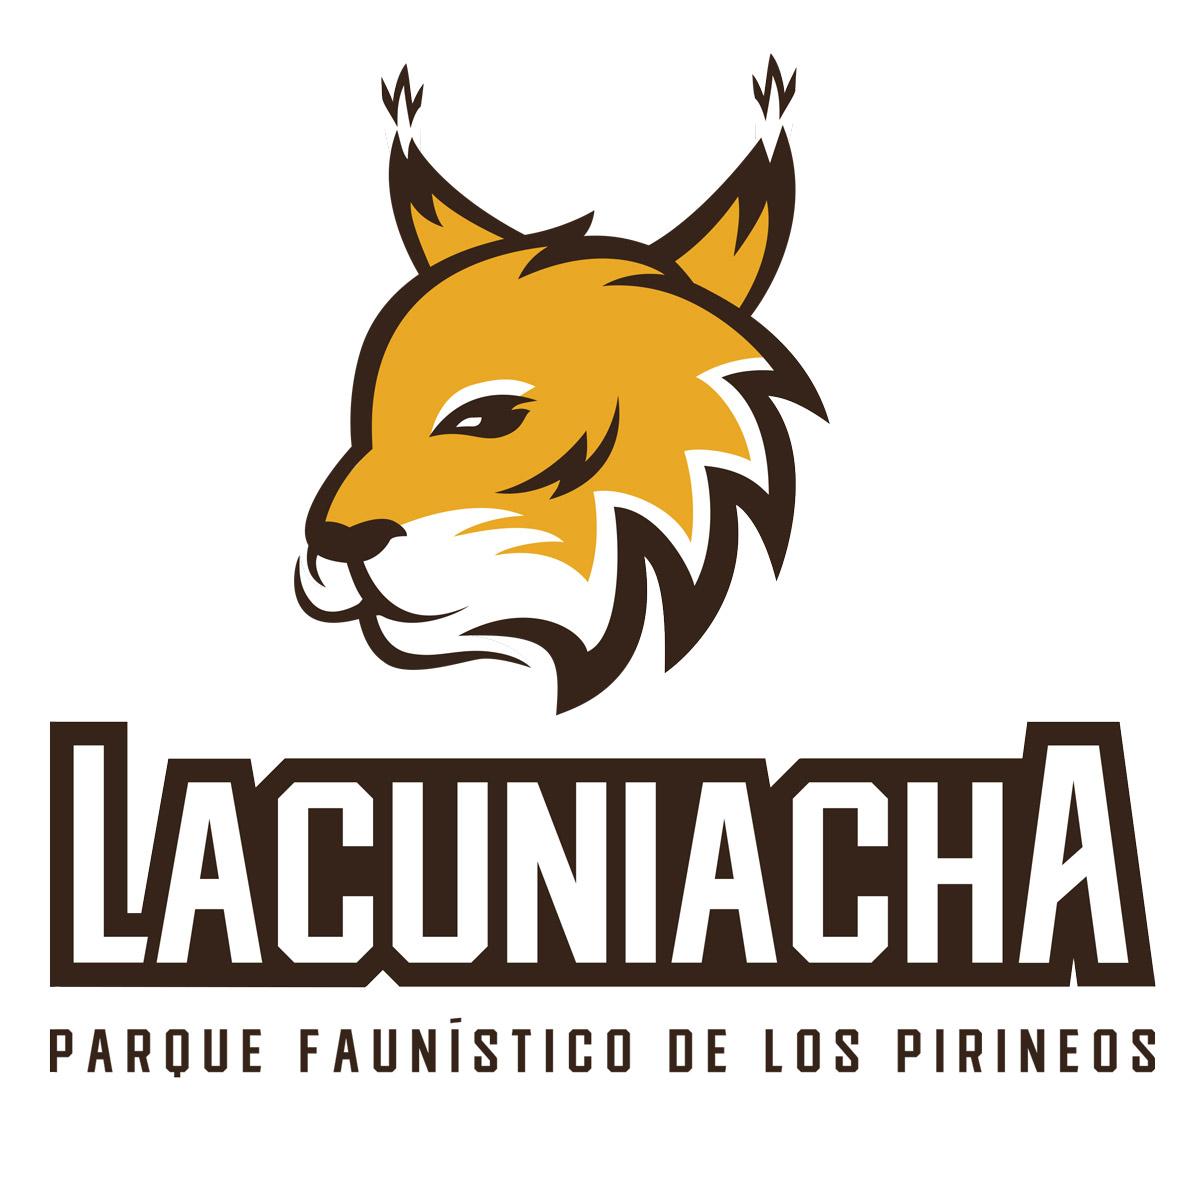 Lacuniacha, Parque Faunístico de los Pirineos